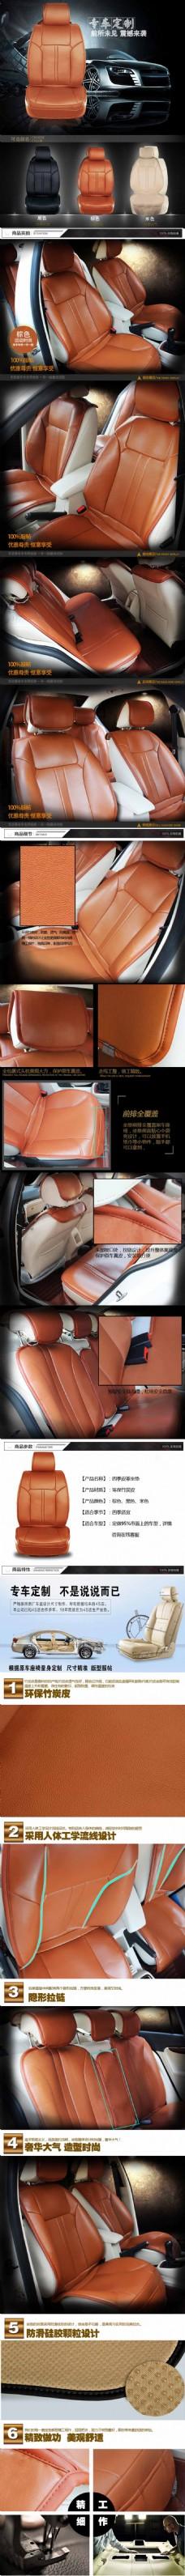 汽车用品详情页ideapie (2)